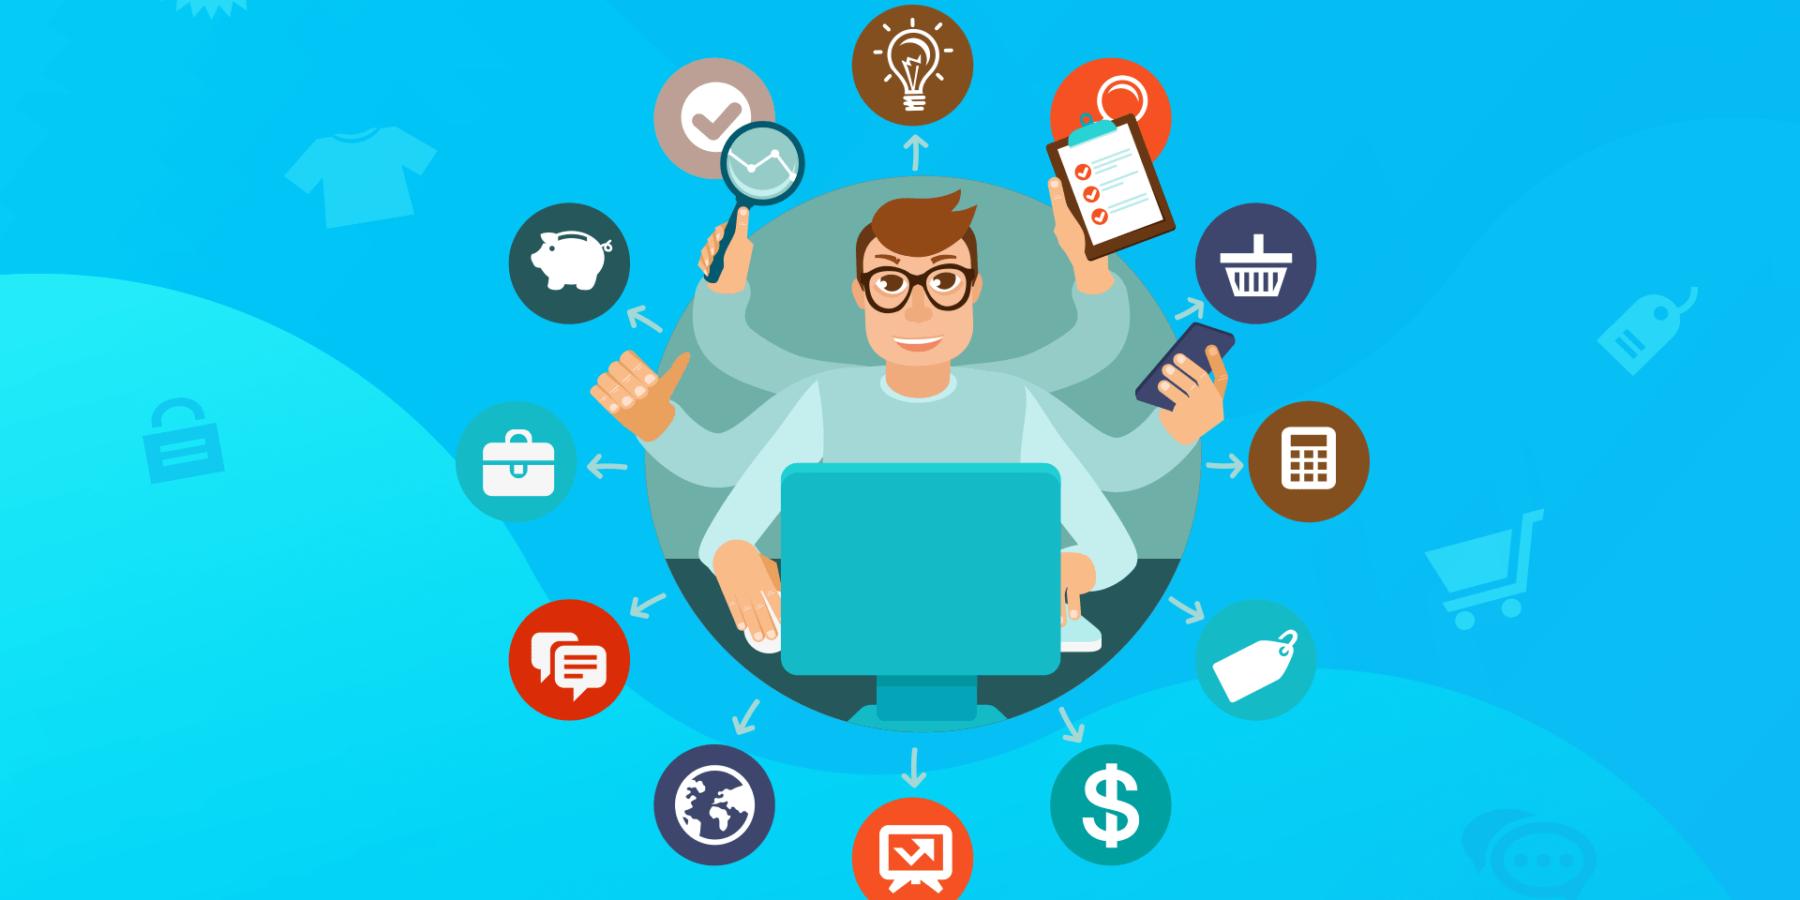 Jak założyć sklep internetowy? 7 kroków dowłasnego biznesu wsieci